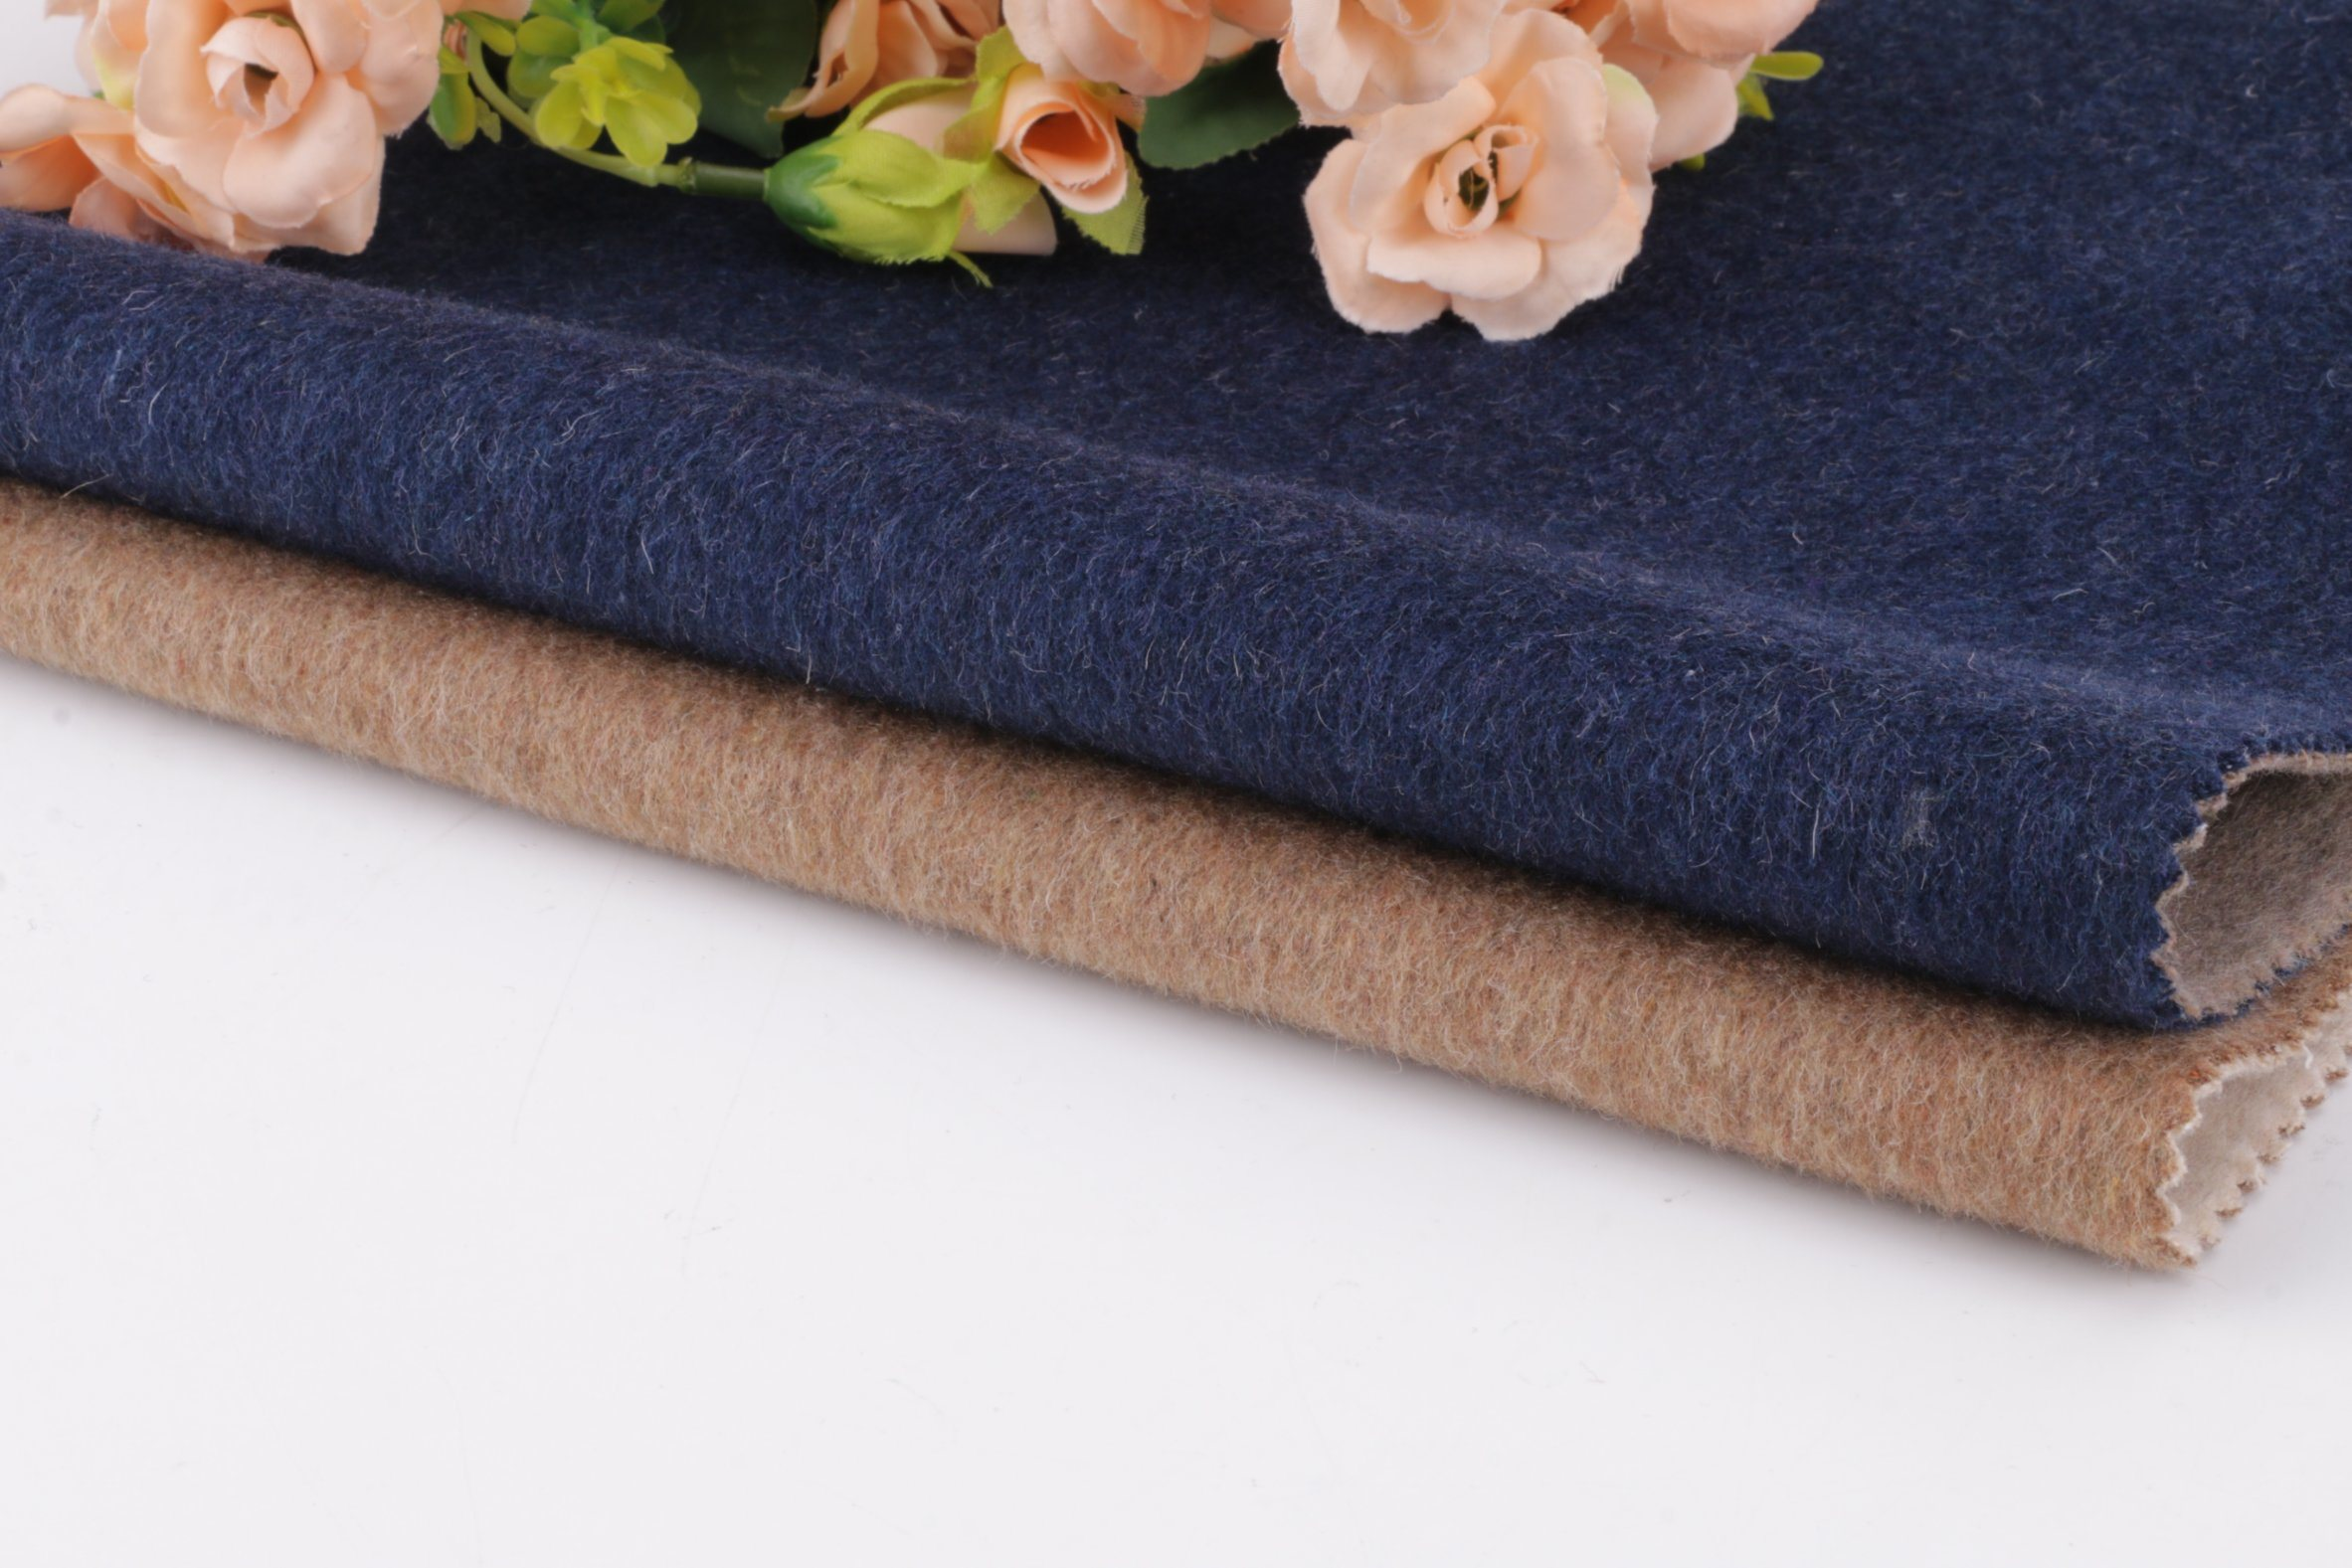 Tejido de lana, tejido de lana Two-Tone de doble cara de abrigo, el nuevo estilo